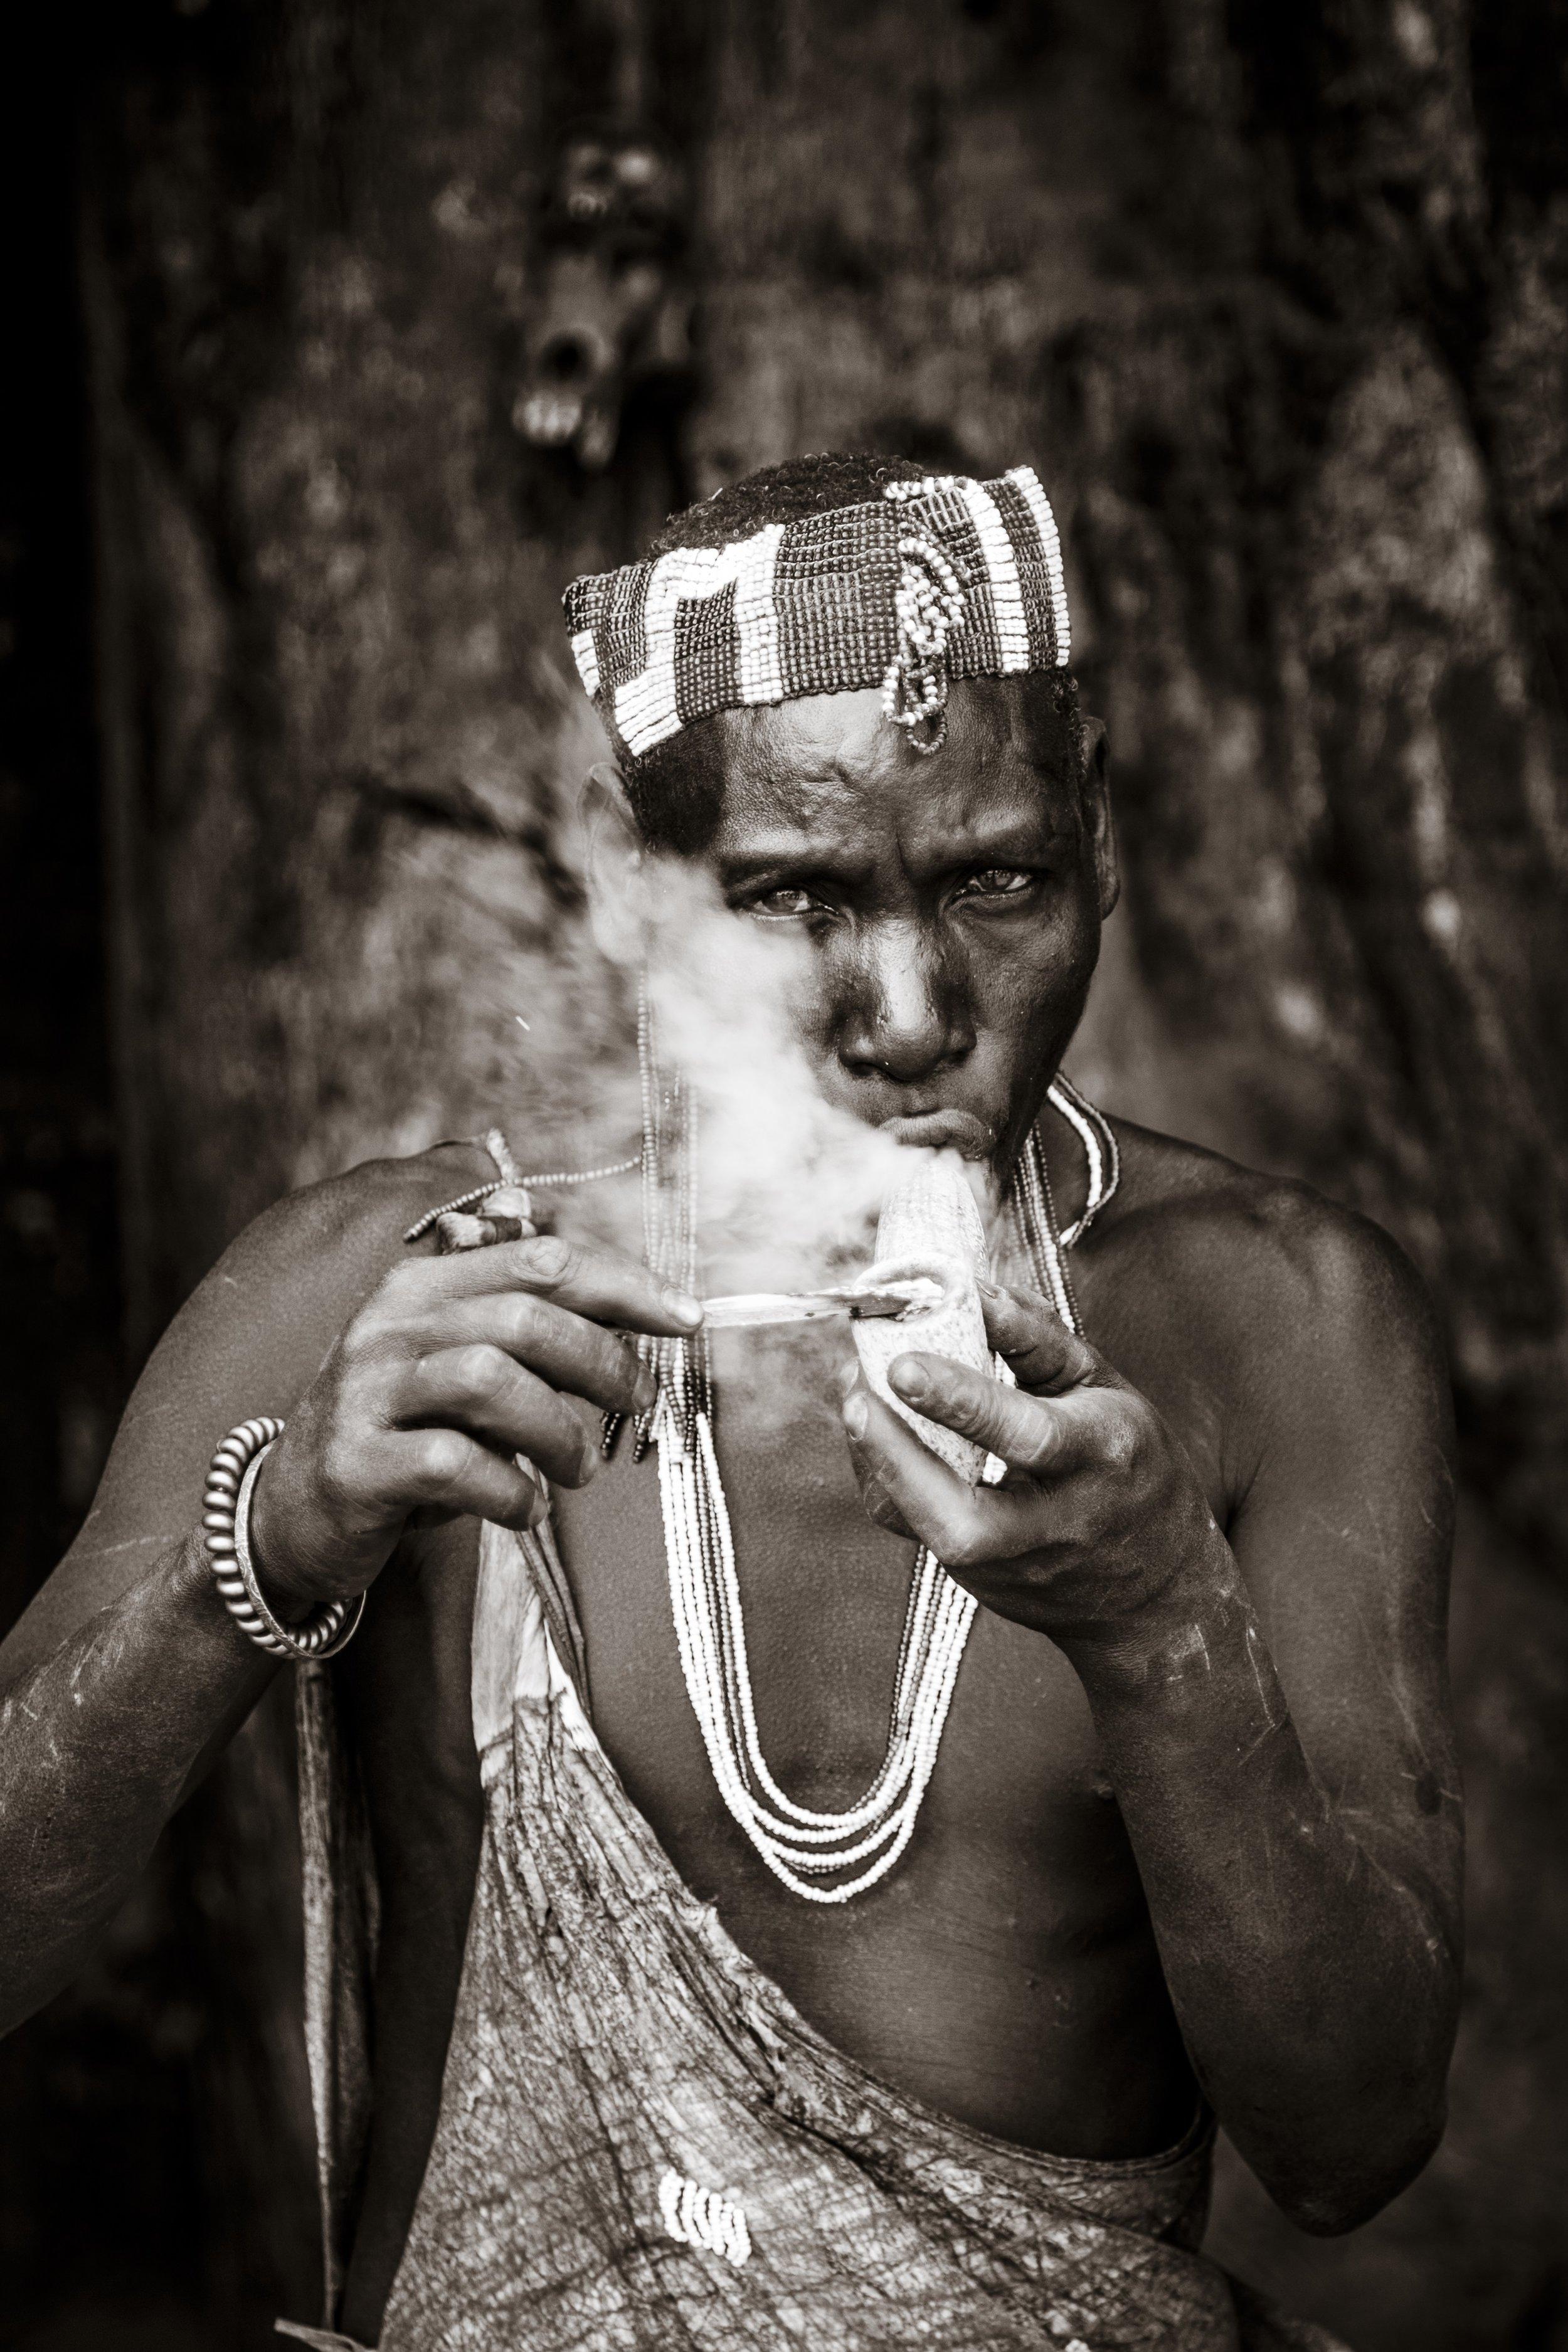 The Hadzabe Smoker  from  The Hadzabe of Tanzania  series